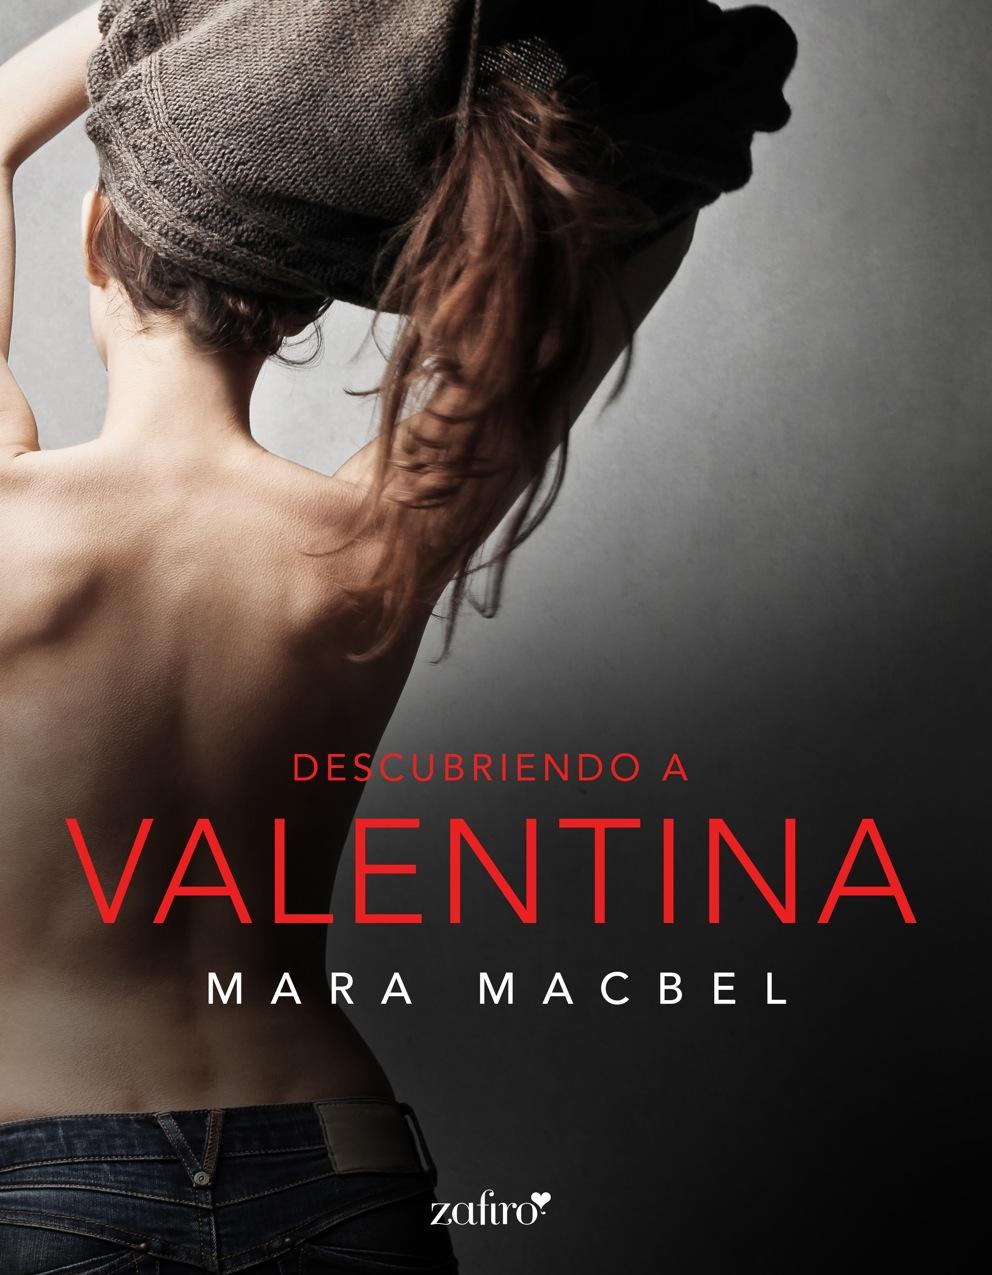 Descubriendo a Valentina - Ed. Digital